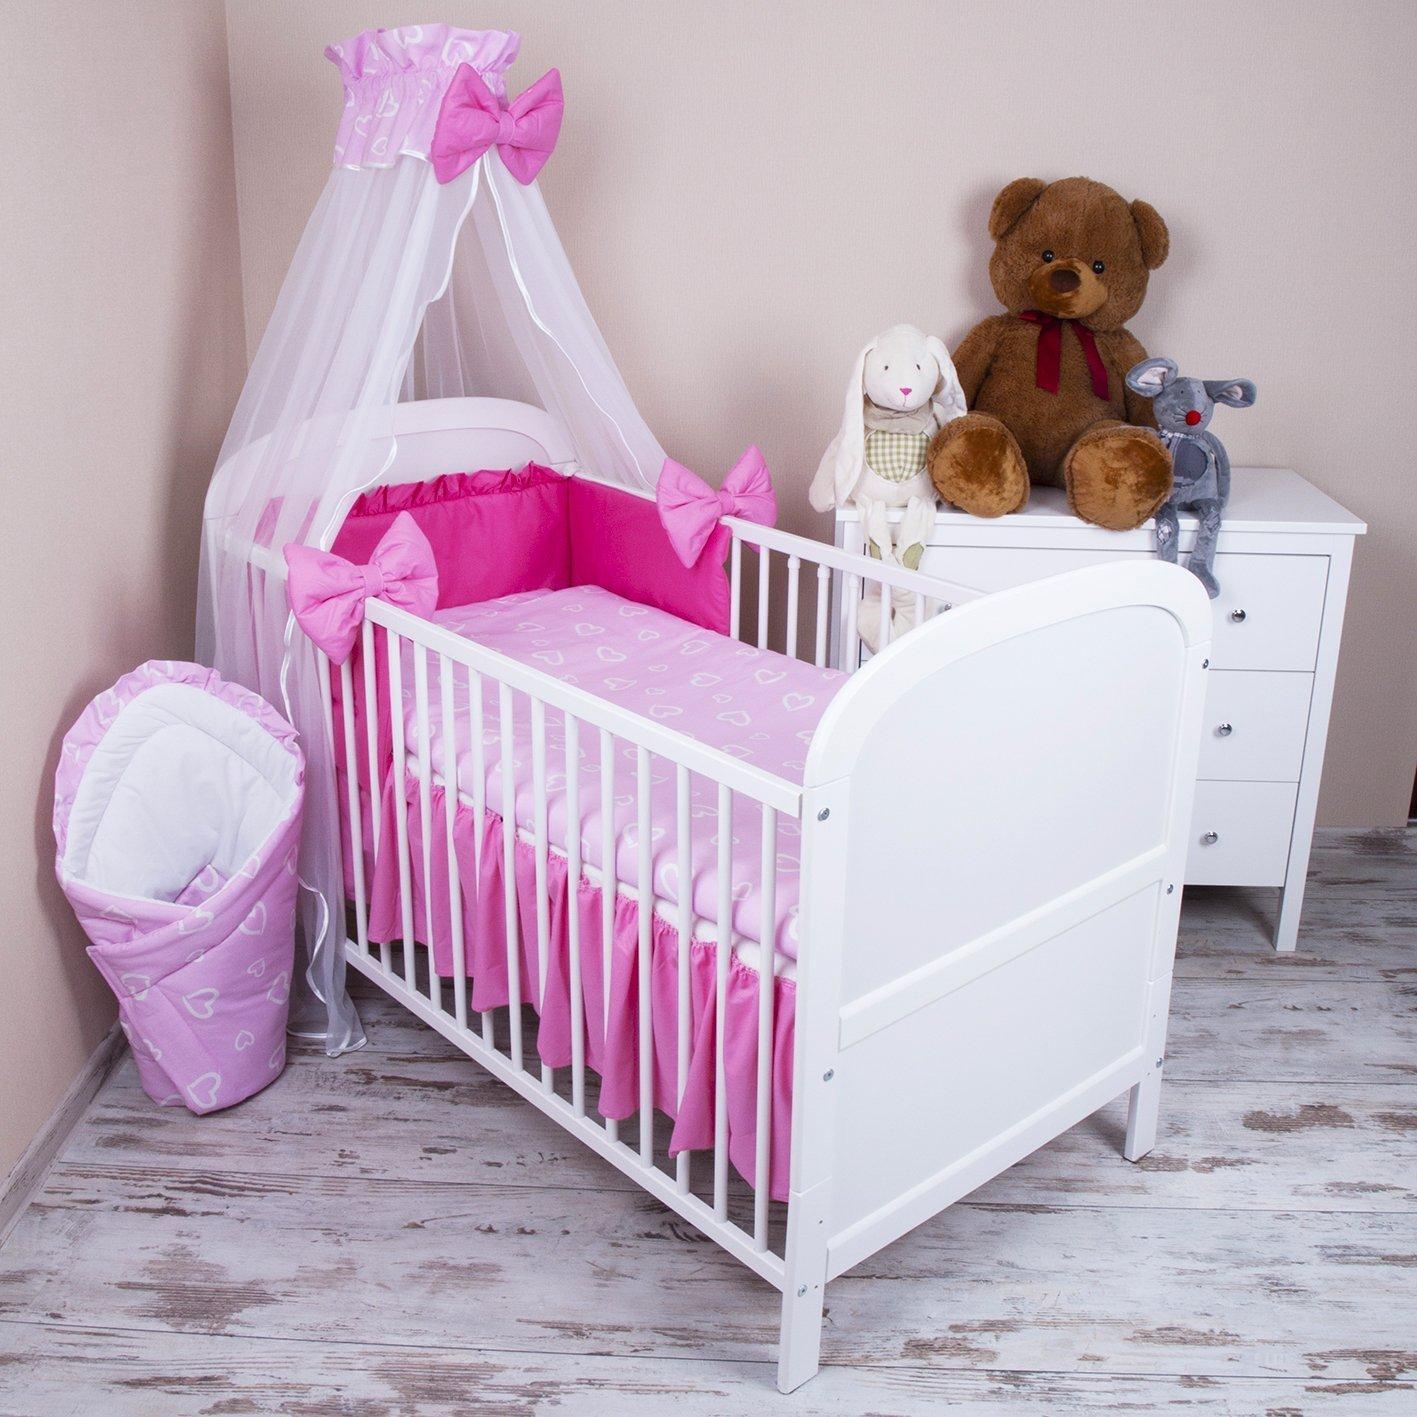 Parure de lit bébé 5pièces avec lit et mousseline de soie drapé 100x 135cm Motif cœurs Rose zieba